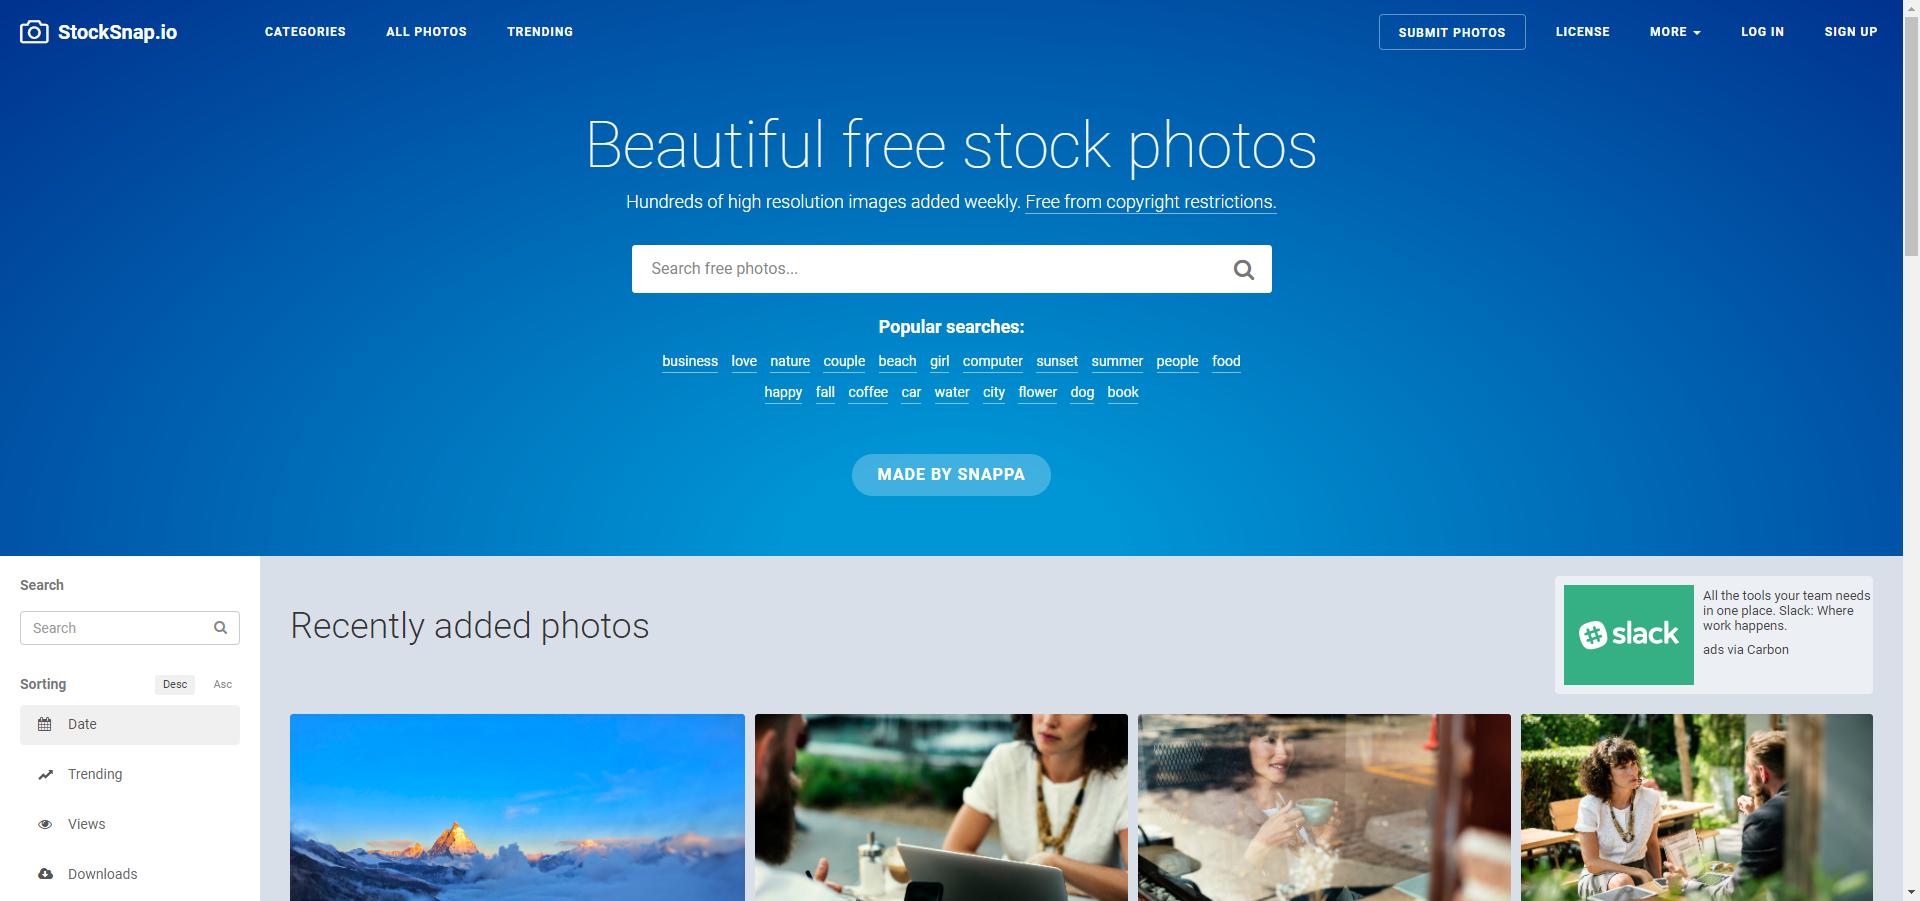 StockSnap.io_-_Beautiful_Free_Stock_Photos_(CC0)_-_2017-09-22_17.34.30.png